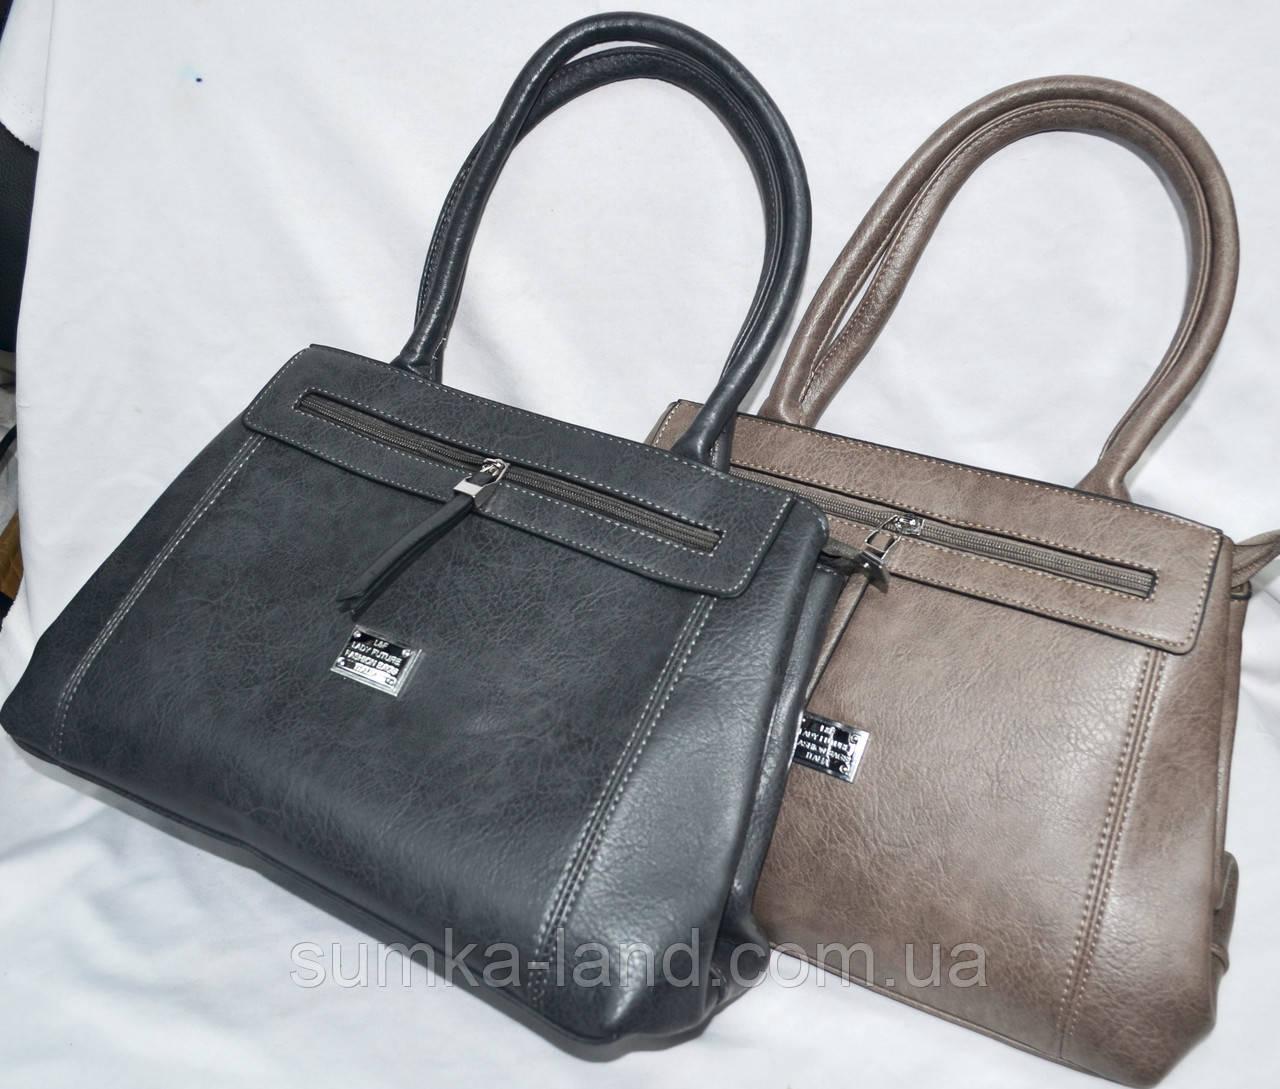 Женские сумки из искусственной кожи с длинными ручками 34*24 см (серая и хаки)